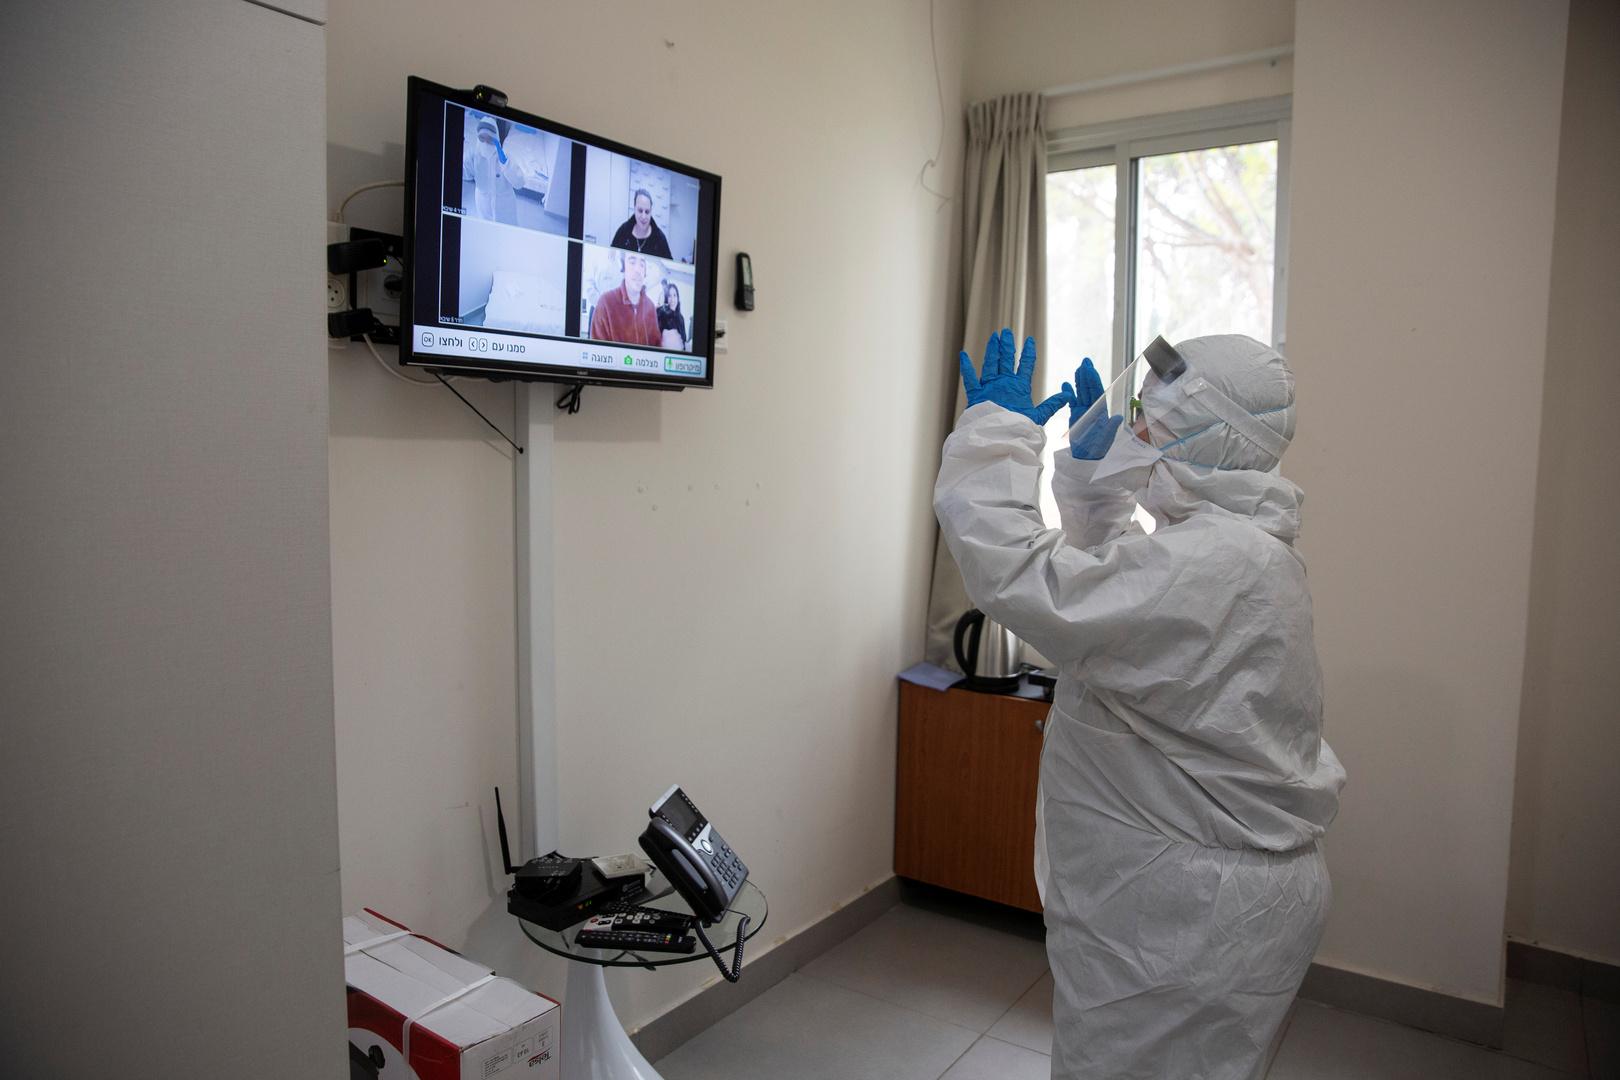 إسرائيل.. ارتفاع عدد المصابين بكورونا إلى نحو 2.5 ألف شخص